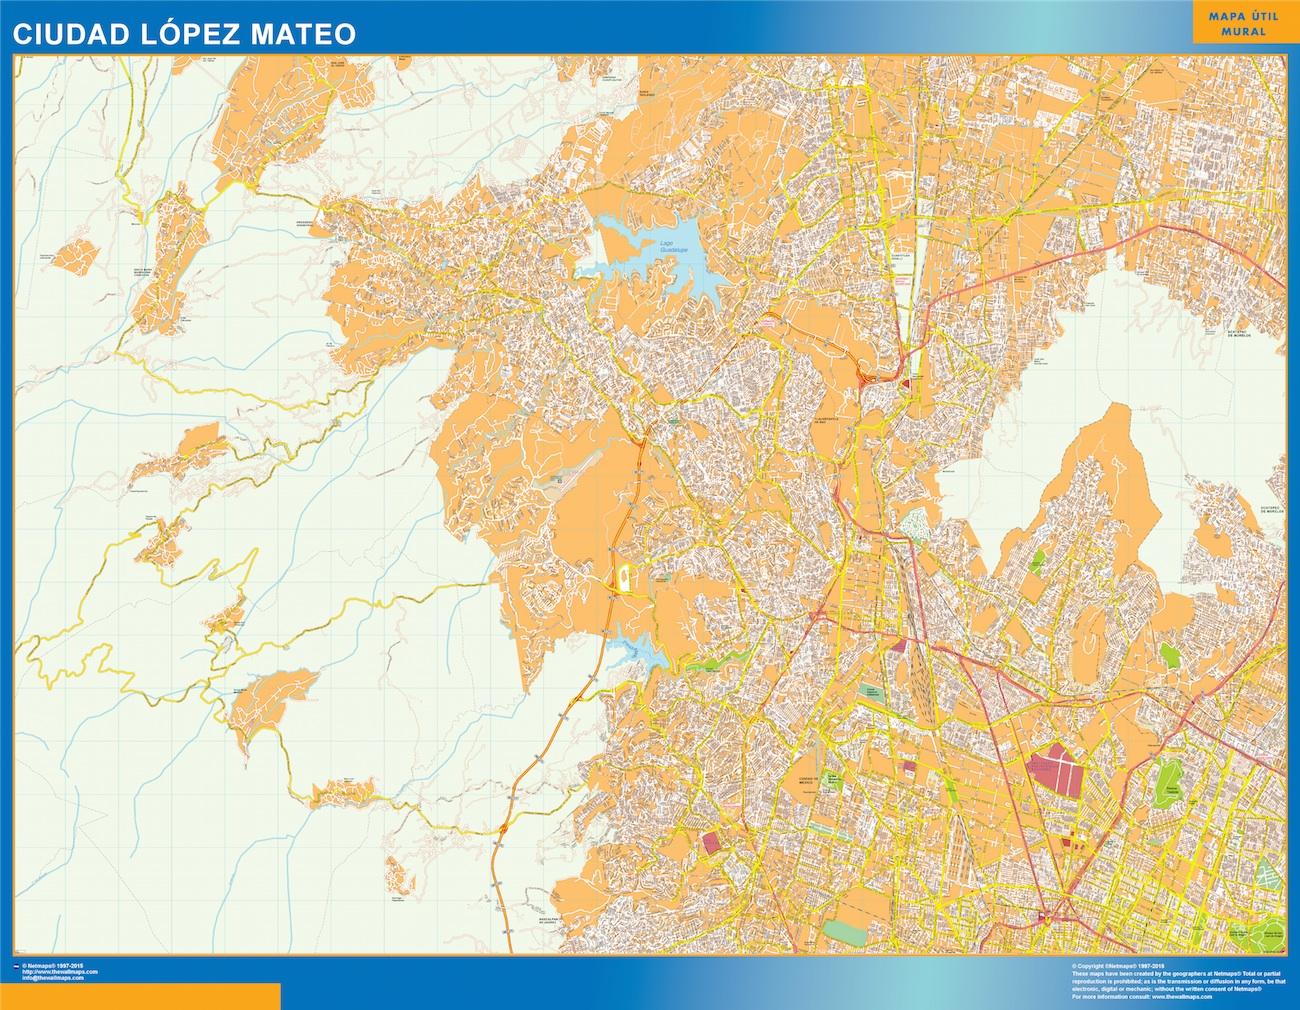 Mapa Ciudad Lopez Mateo en Mexico plastificado gigante